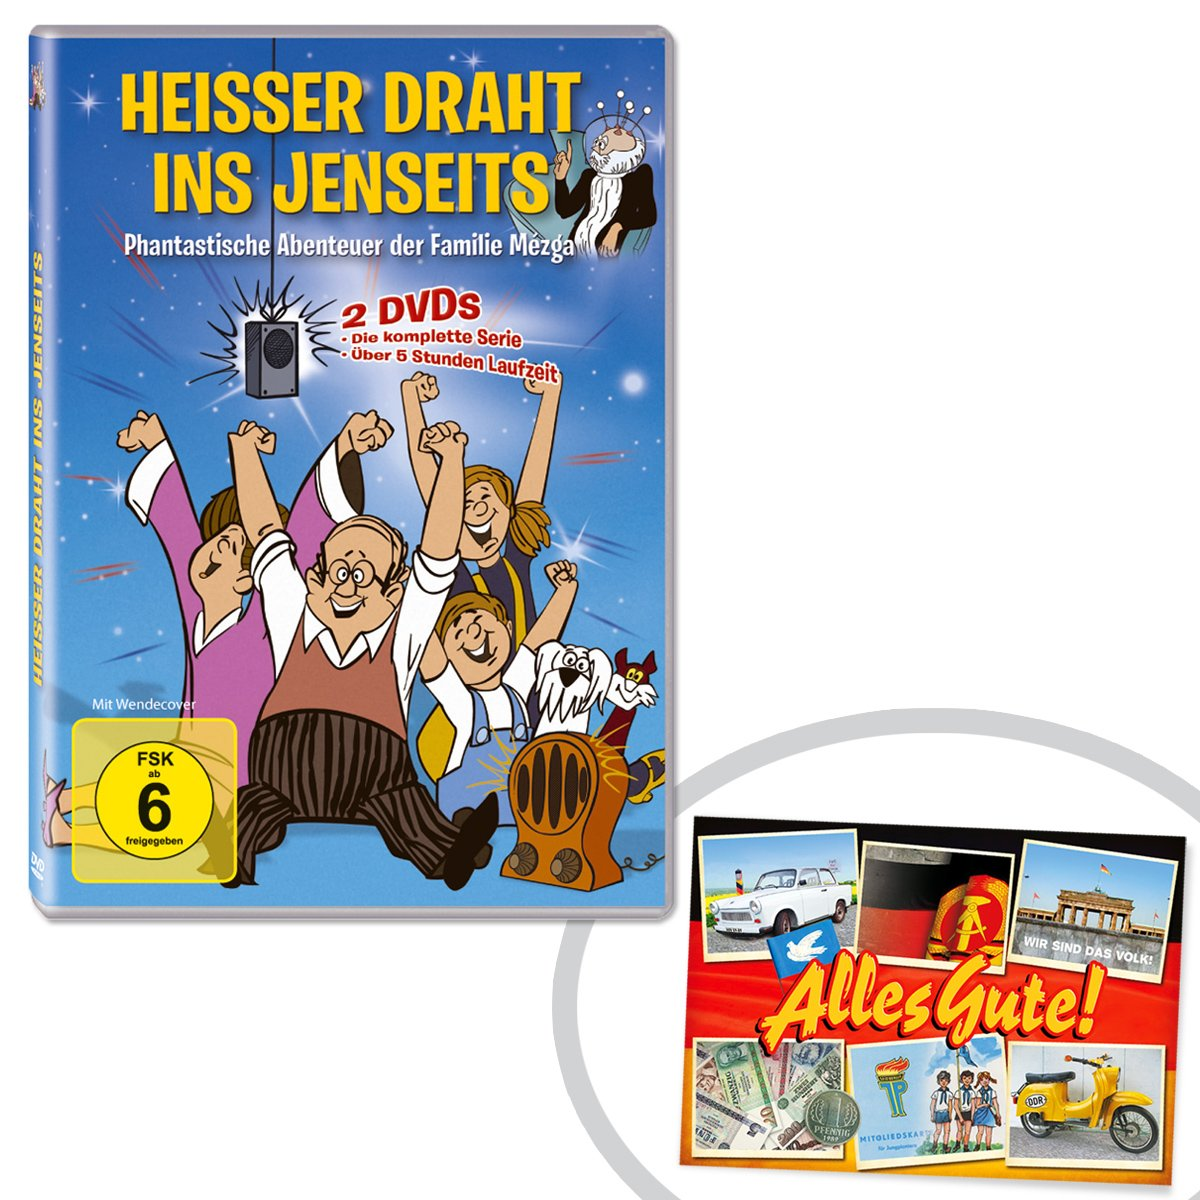 DVD Heisser Draht ins Jenseits 2 DVDs + Bonus DVD ++ DAS Ostprodukte ...